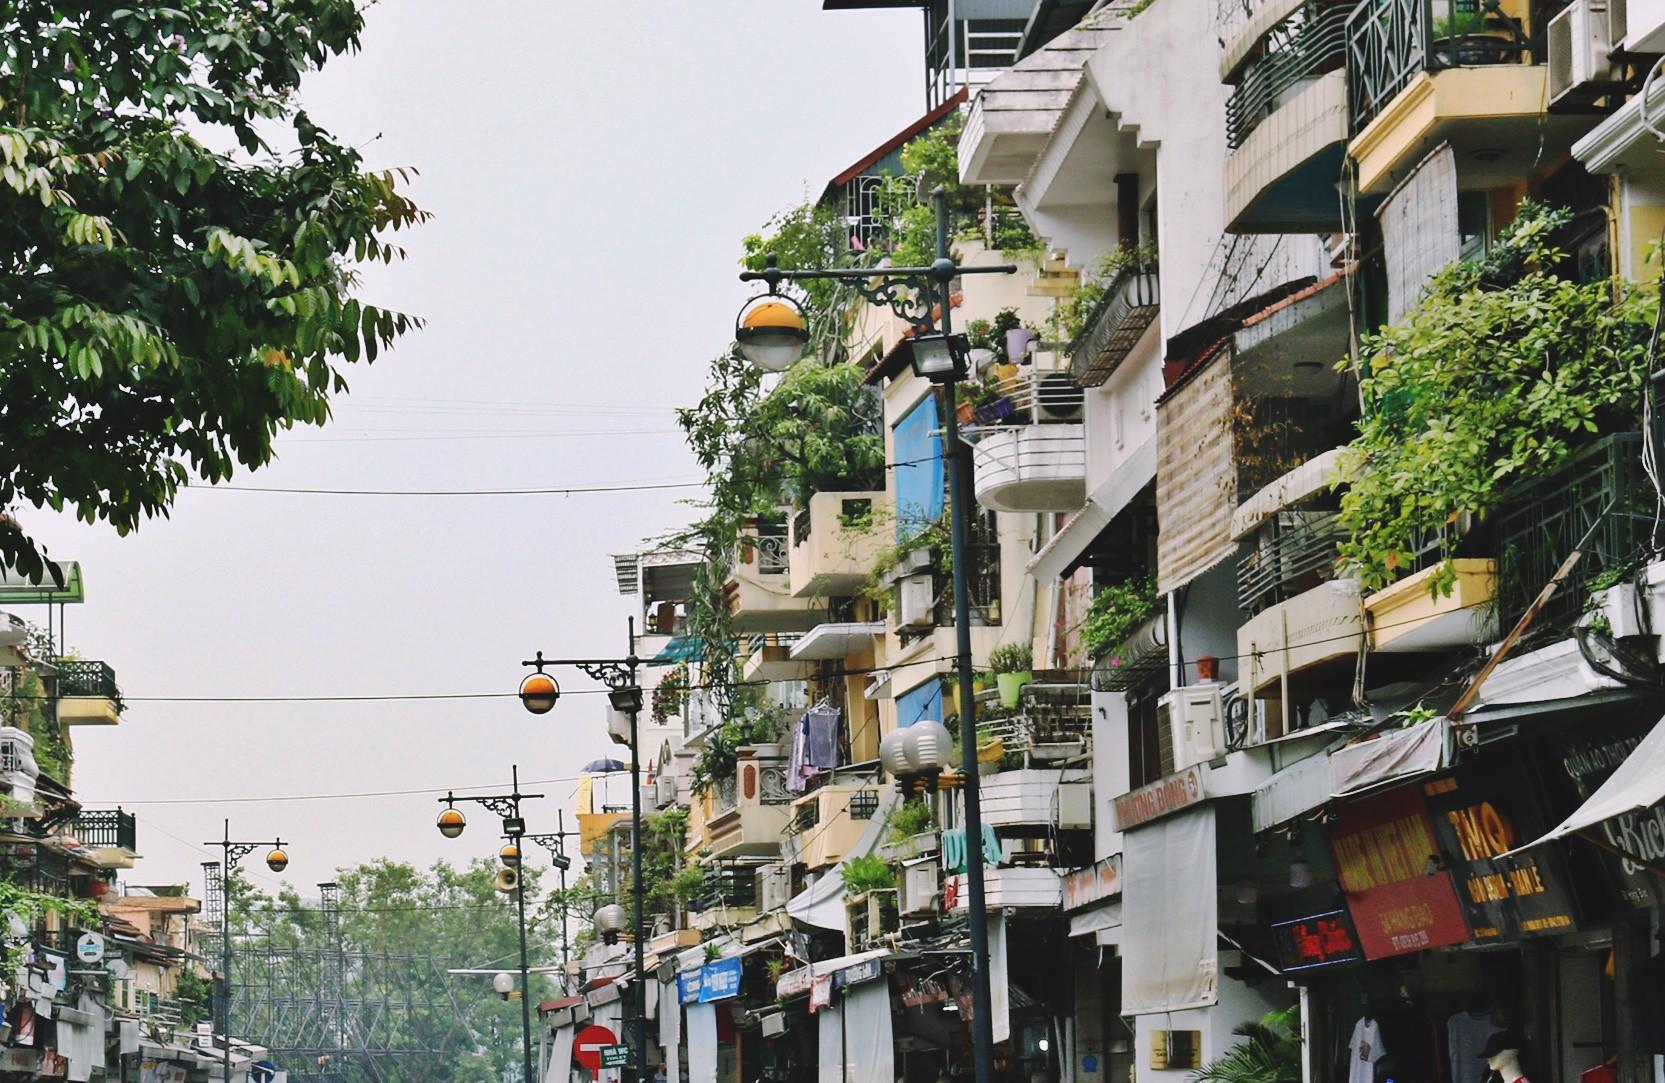 Hà Nội: Chỉnh trang nhiều ngôi nhà trên phố cổ để hút du khách - Ảnh 8.